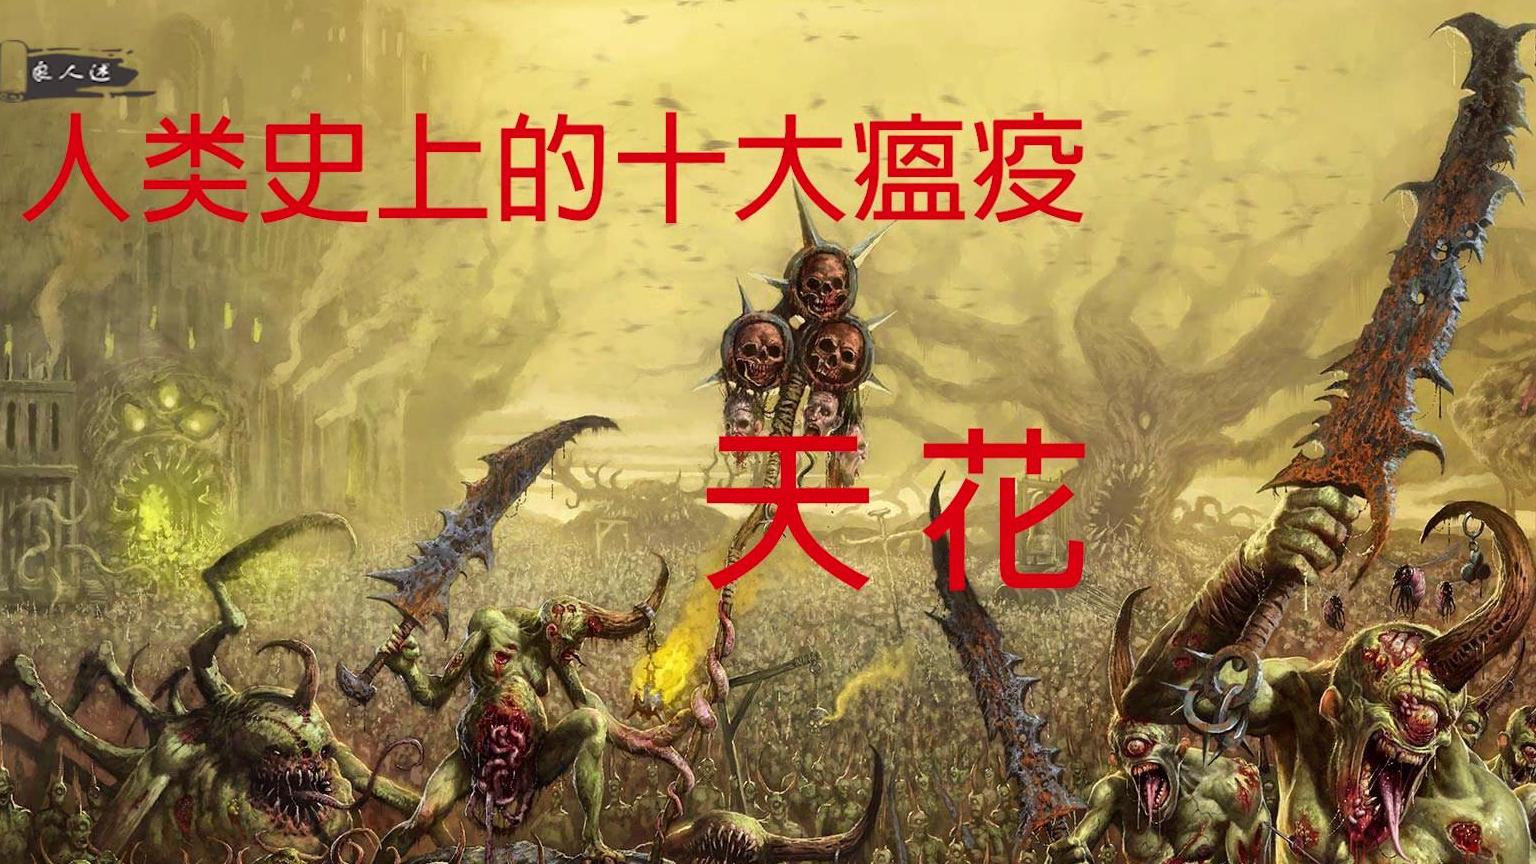 人类史上的十大瘟疫,肆虐了3000年的病毒,天花